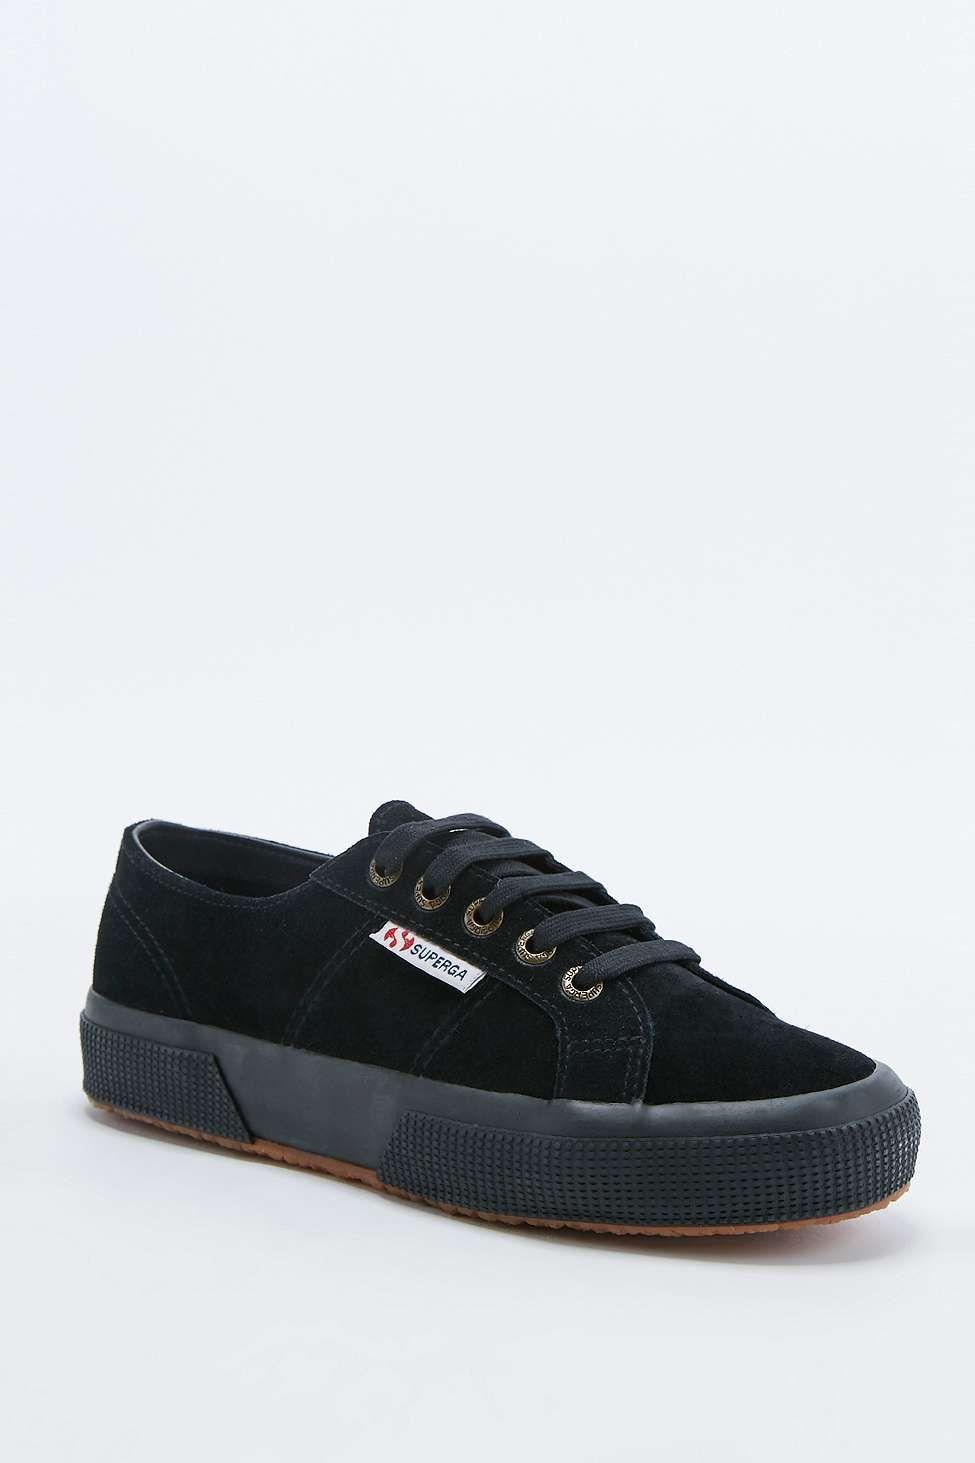 Zapatos negros con cordones SUPERGA Cotu para hombre L8dfxuot